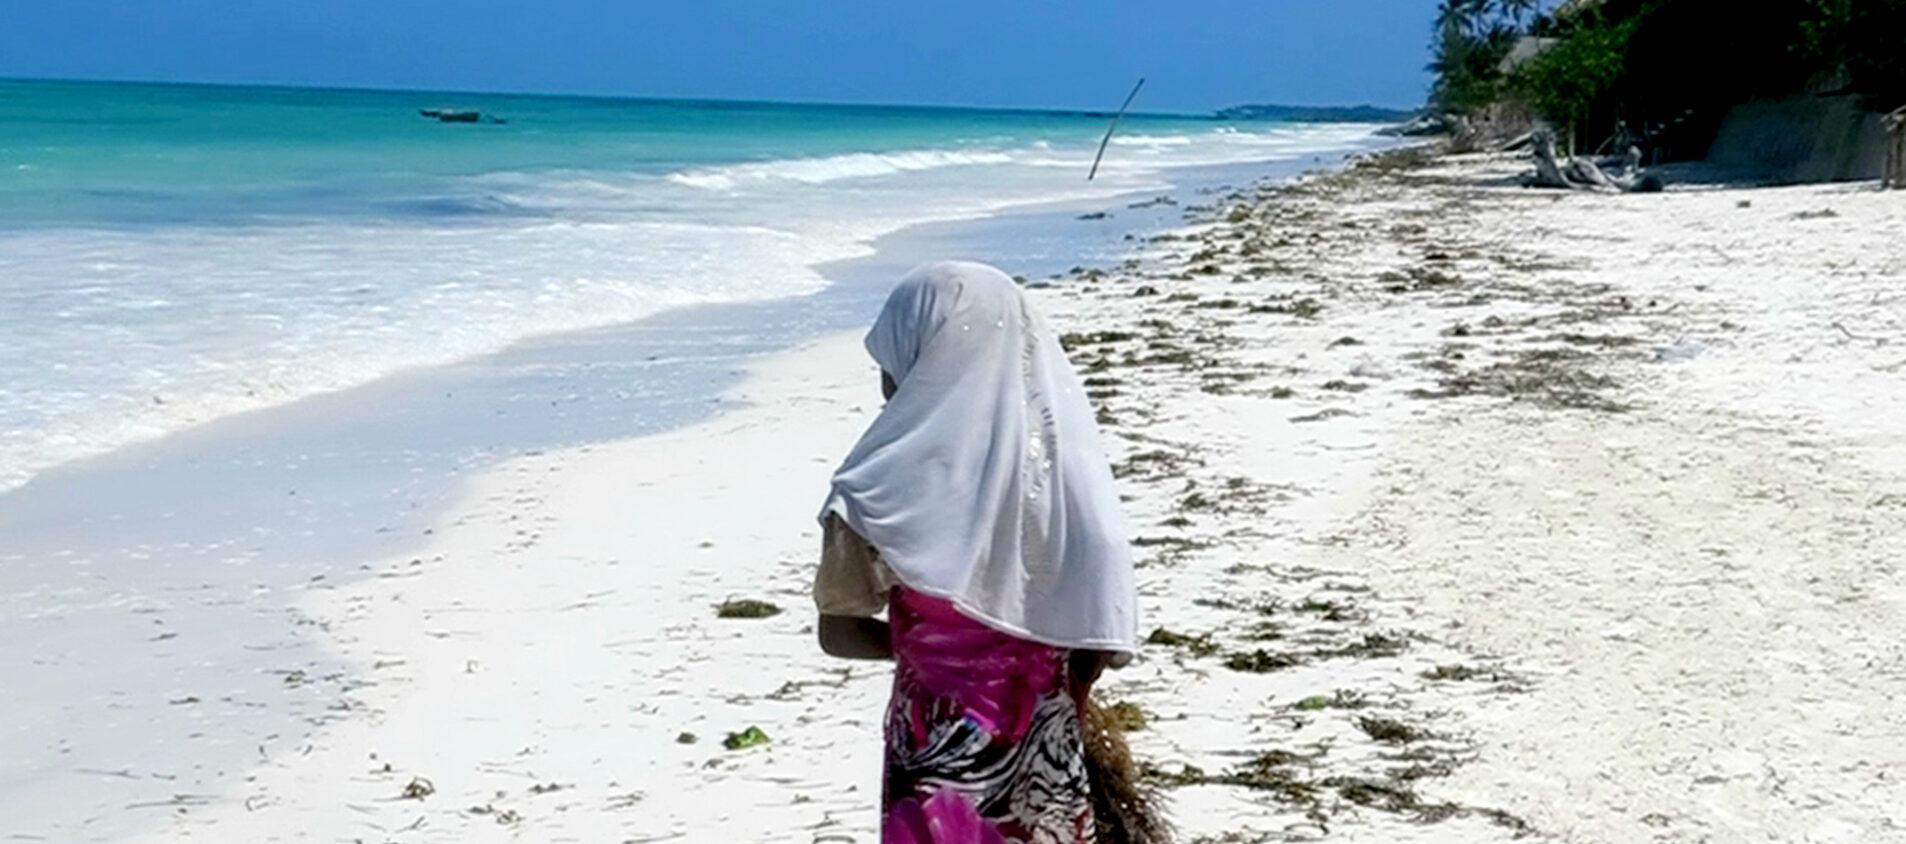 Hälsa barnen i Sverige att våra hav sitter ihop!